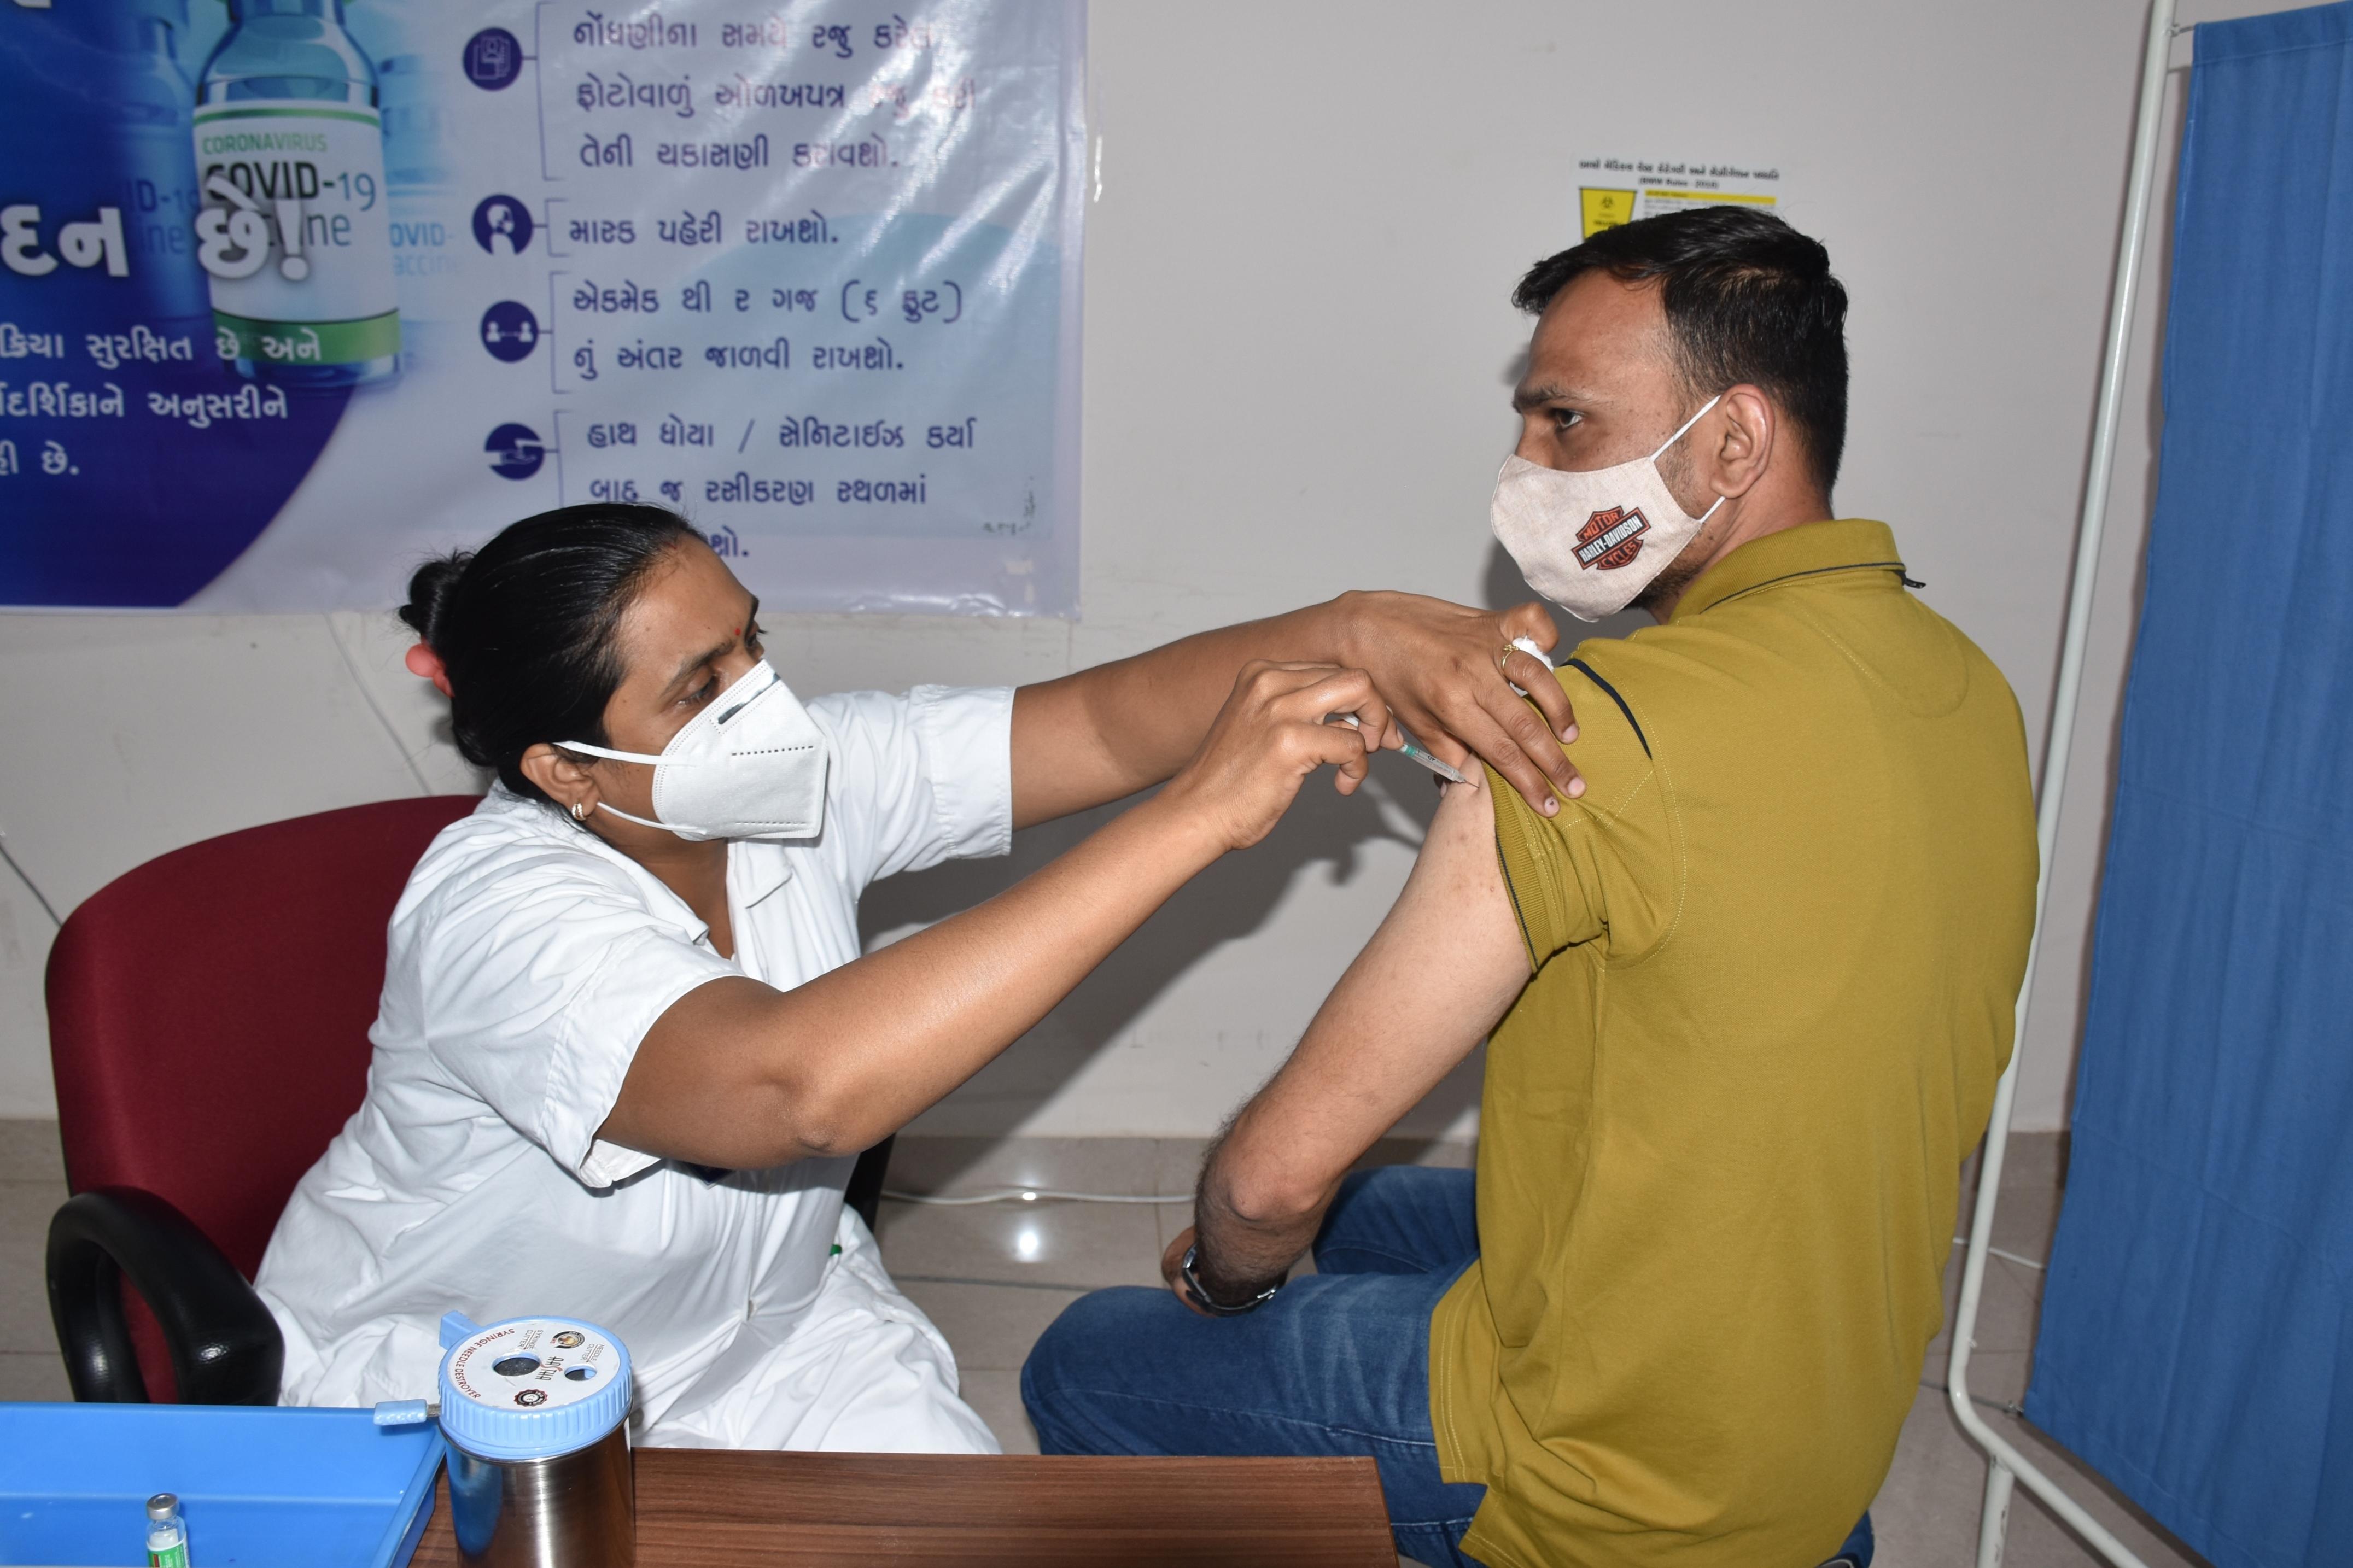 રાજકોટમાં વેક્સિનેશન બન્યું વેગવંતુ, આજે બપોરે 1 વાગ્યા સુધીમાં શહેરમાં 2864 નાગરિકોએ રસી લીધી|રાજકોટ,Rajkot - Divya Bhaskar